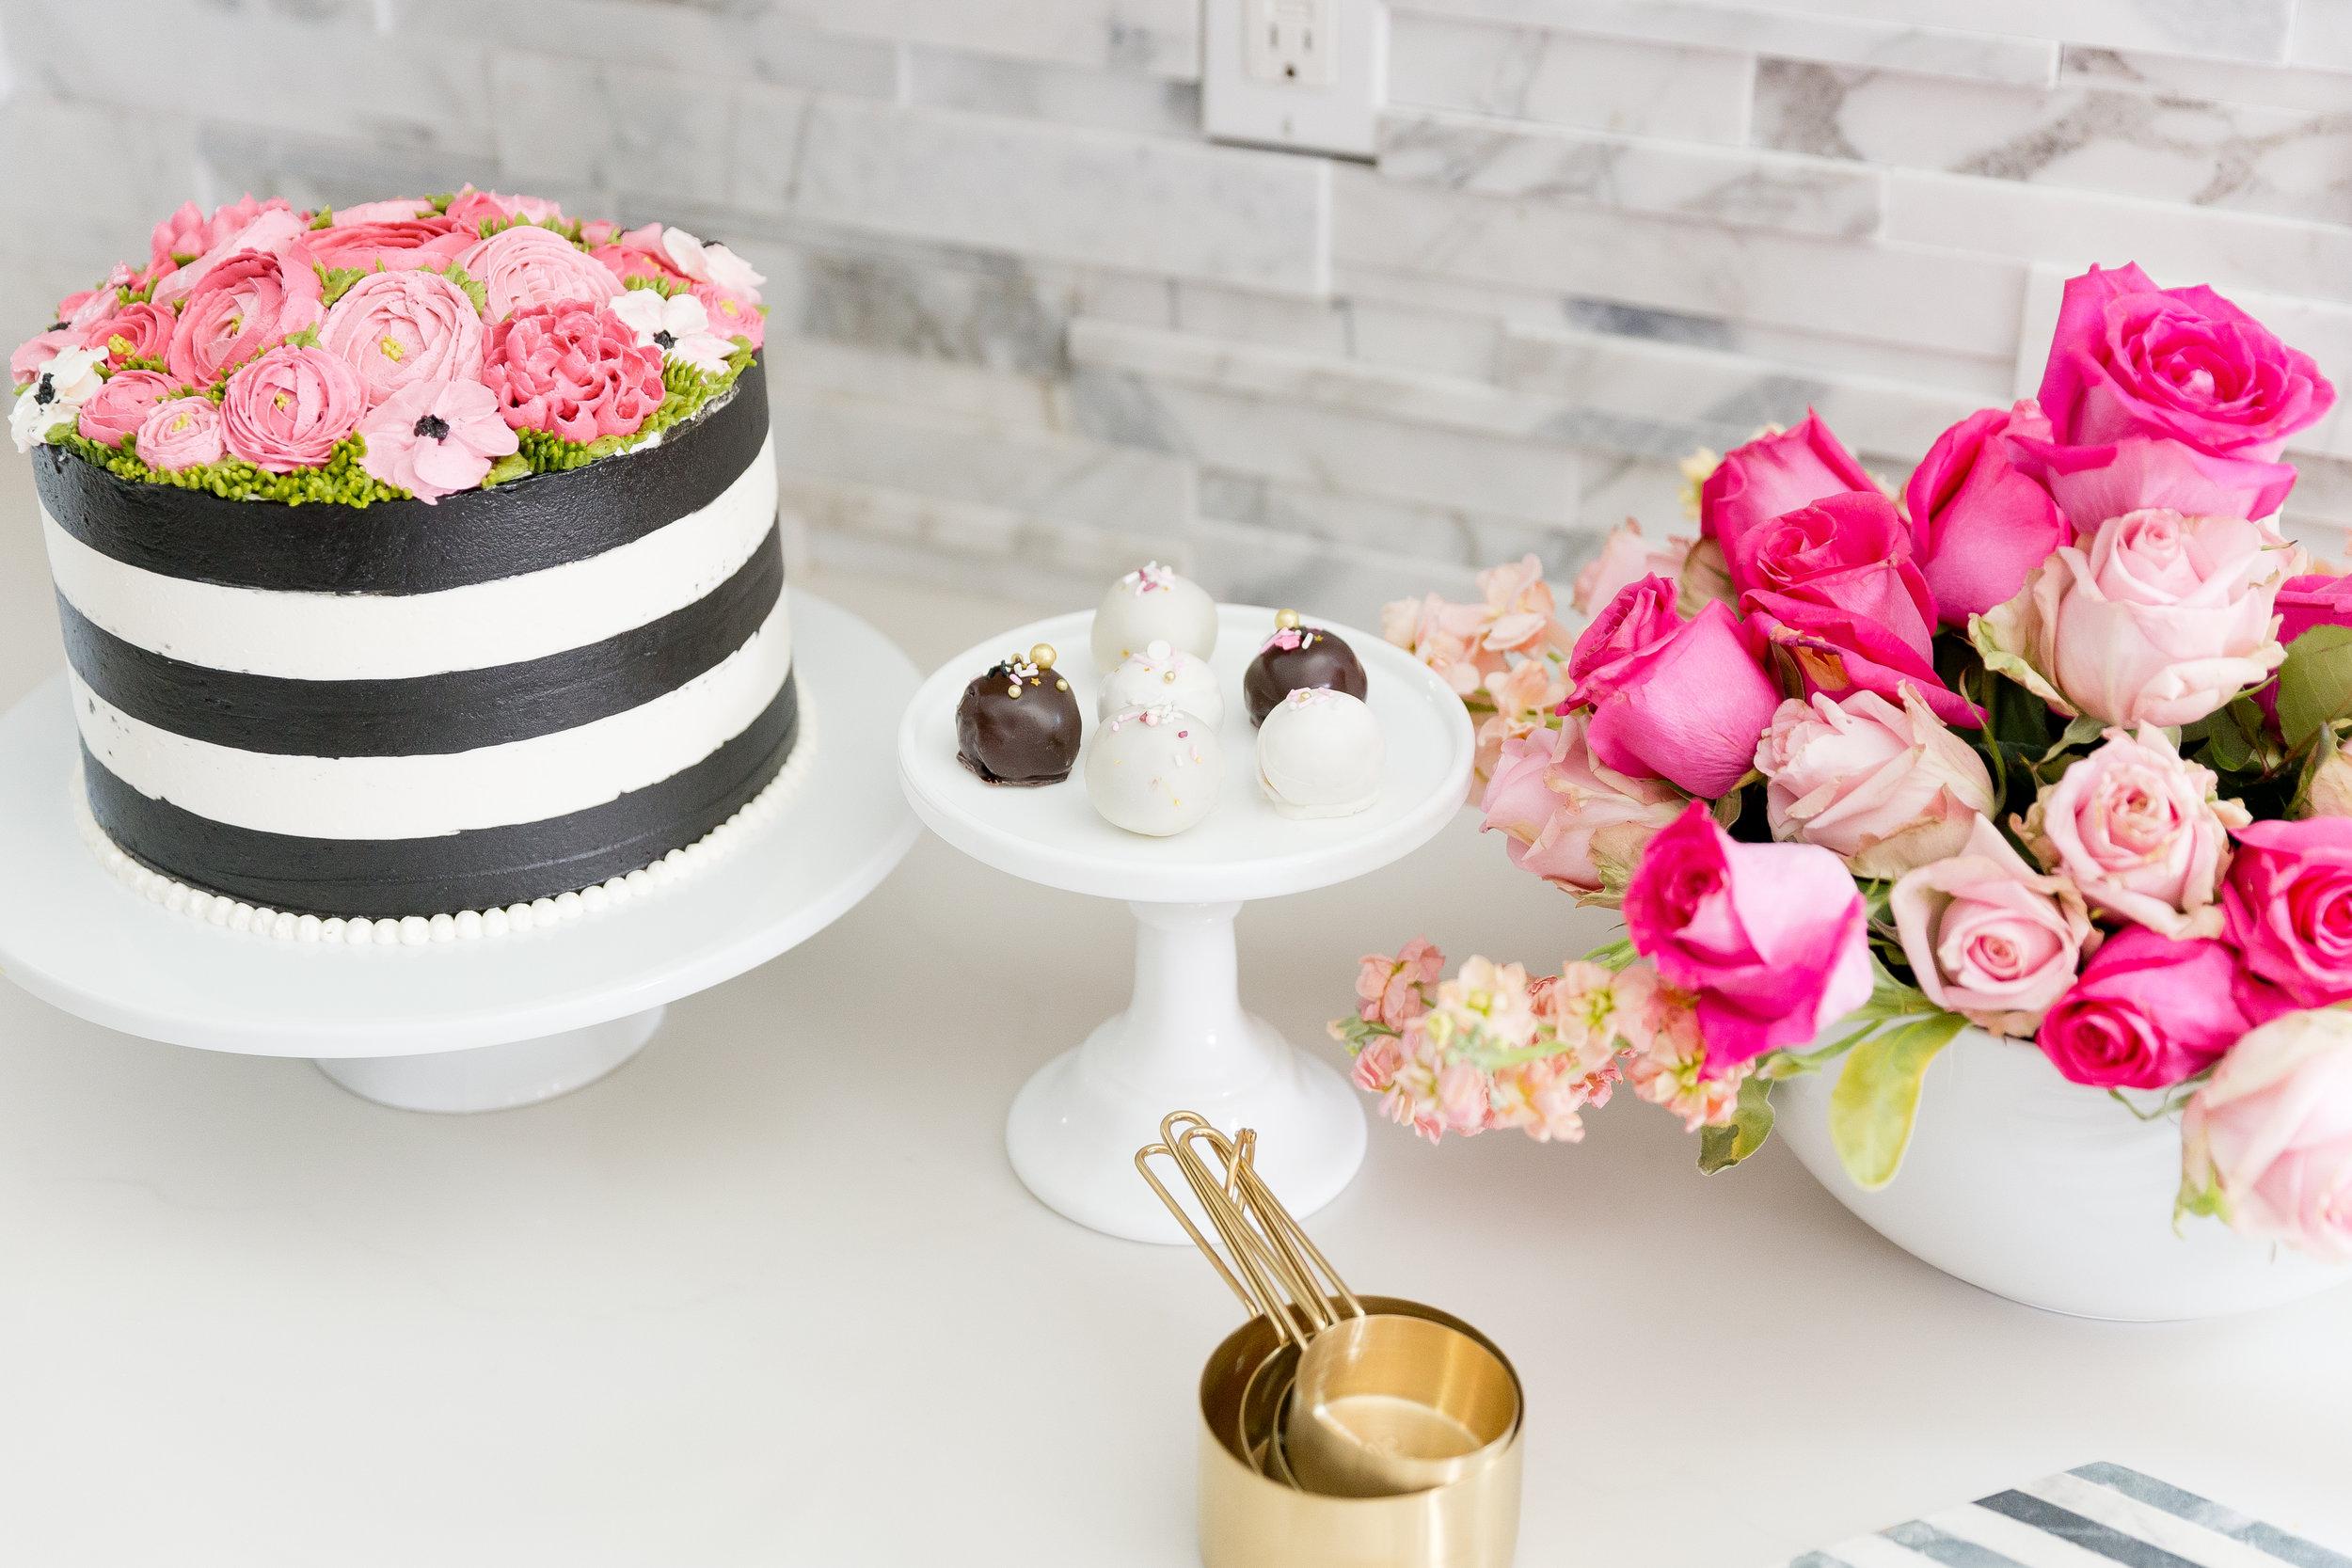 Cake She Baked-16.jpg